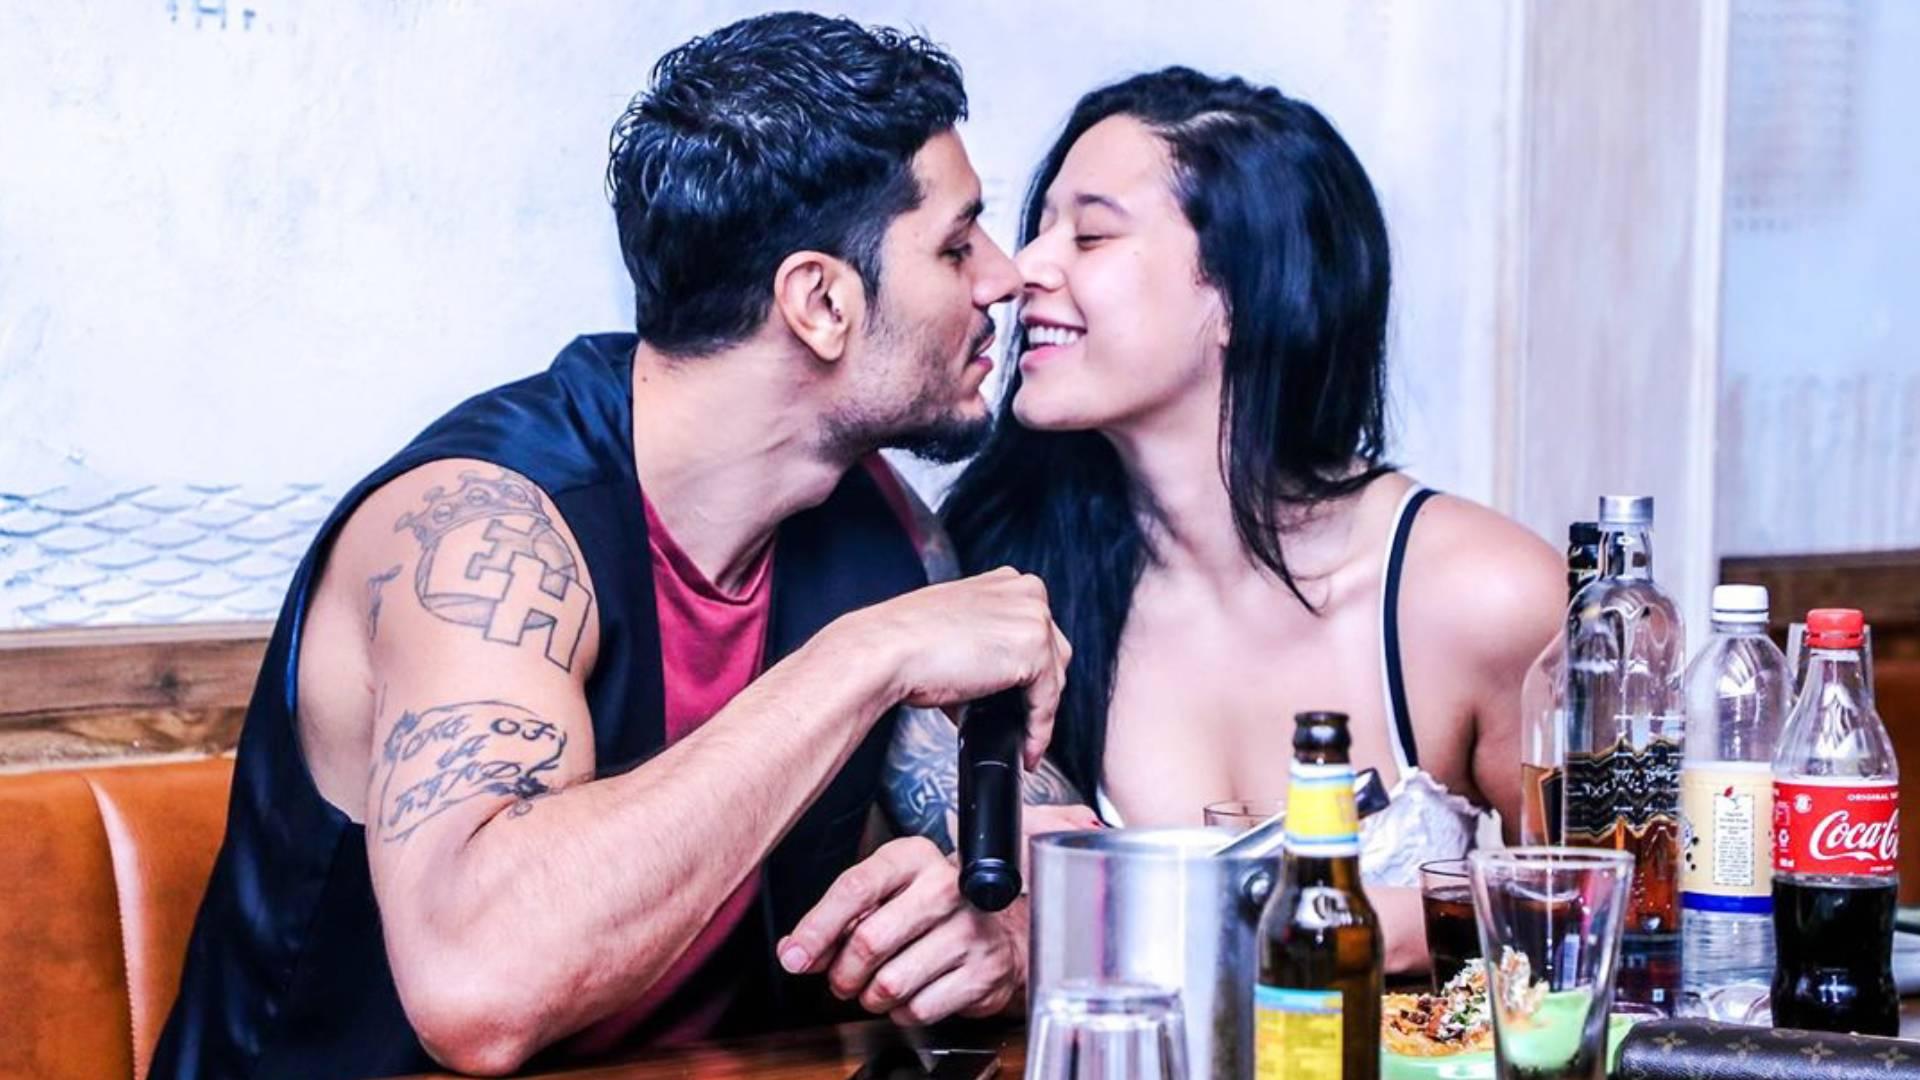 टाइगर श्रॉफ की बहन कृष्णा ने बिकिनी में बॉयफ्रेंड संग दिए पोज, सोशल मीडिया पर तस्वीरें वायरल